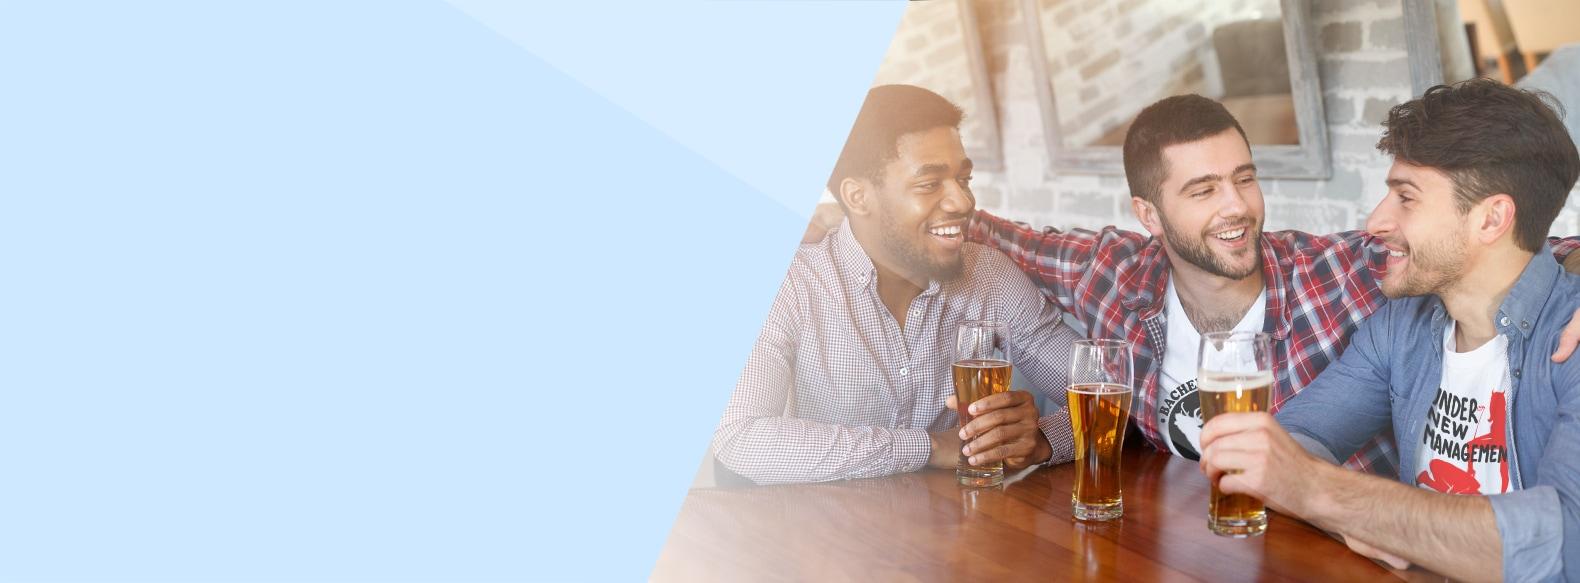 Jonge heren met bierglazen vieren vrijgezellenfeest